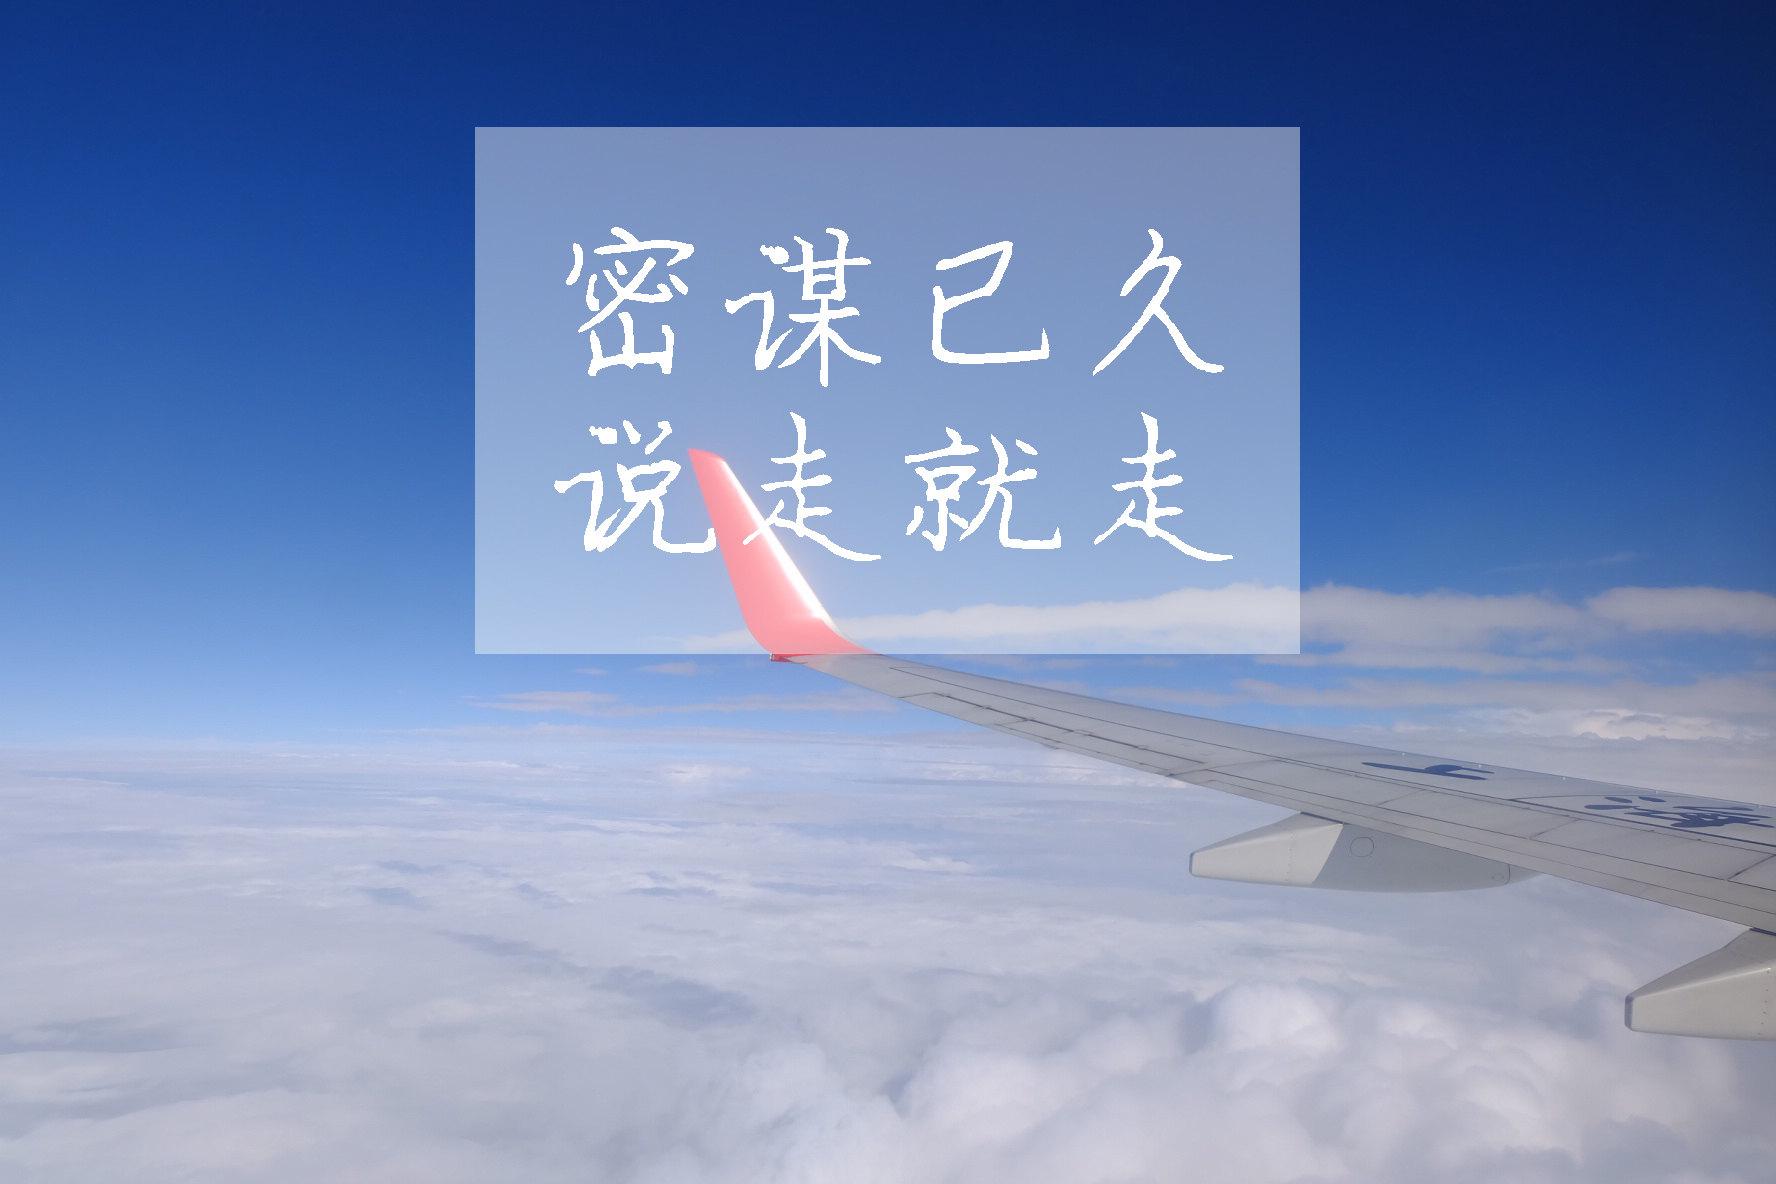 17:00飞机到达黄山市屯溪机场